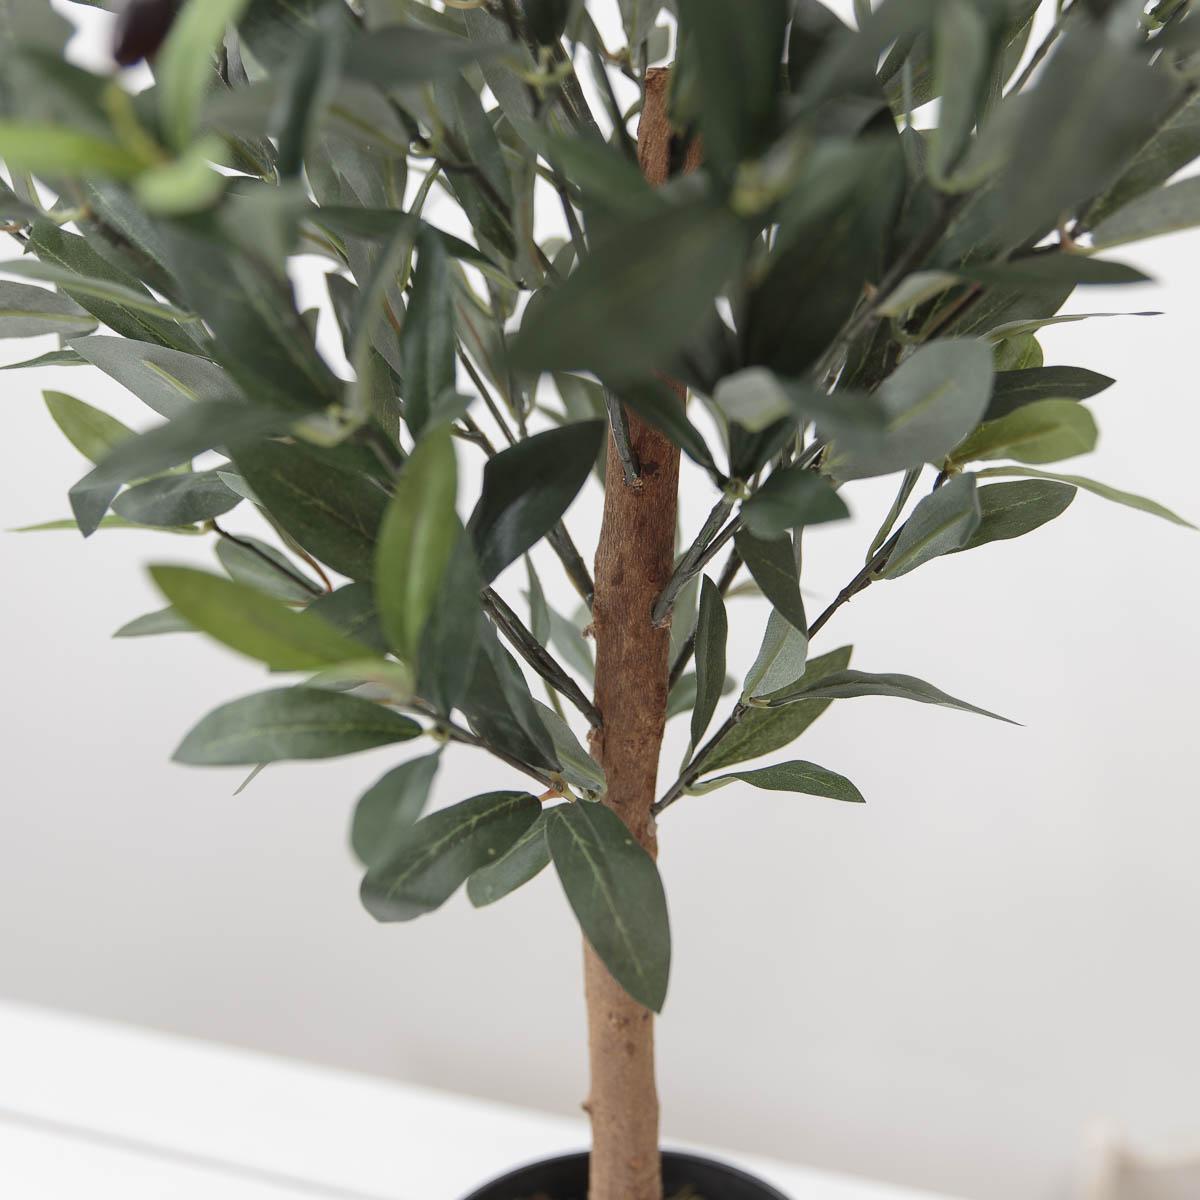 올리브조화 인테리어인조나무 85cm 식물조화 인조화분 줄기디테일